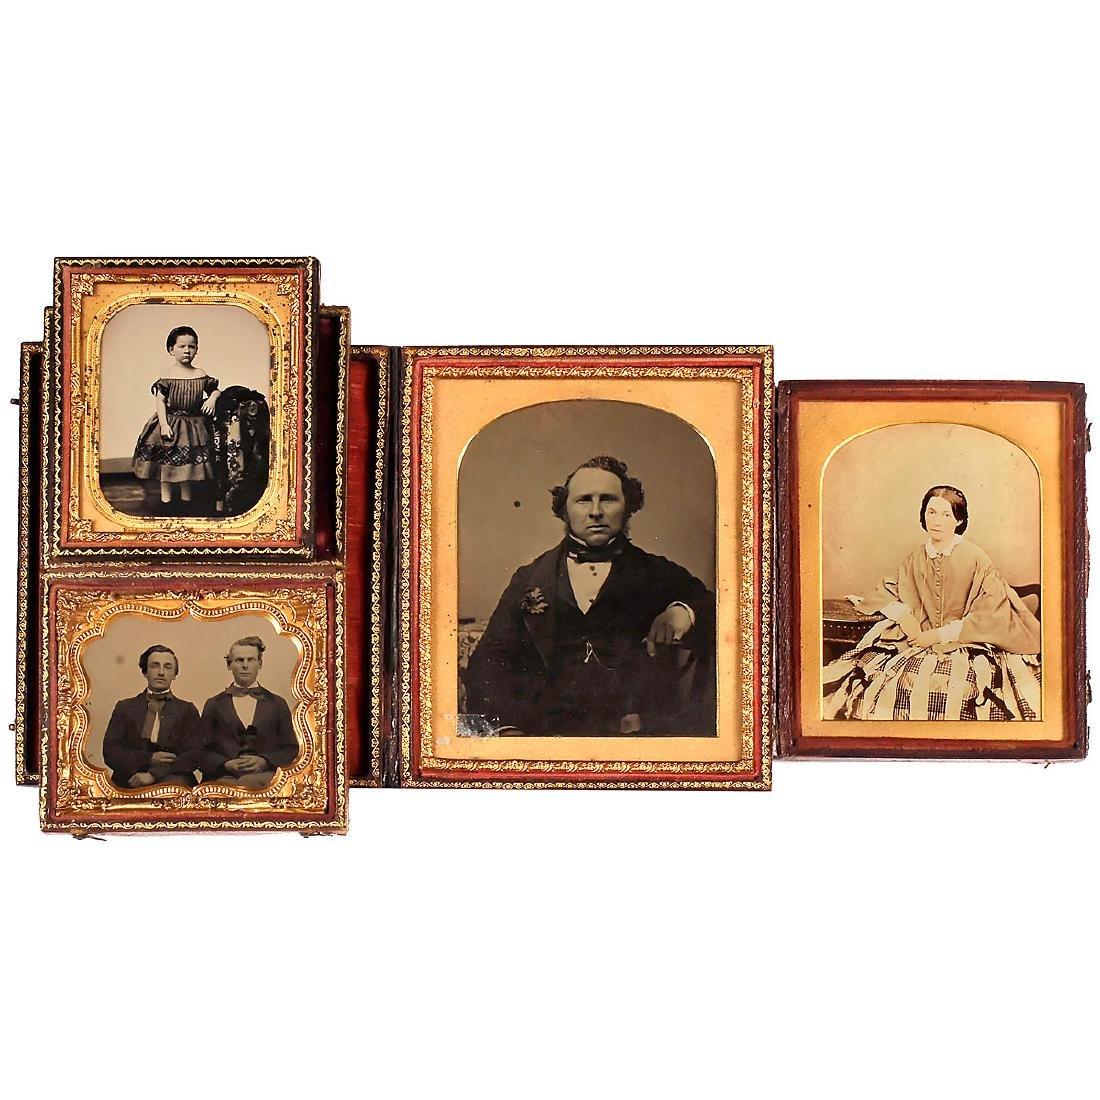 3 Ambrotypes, c. 1850-60